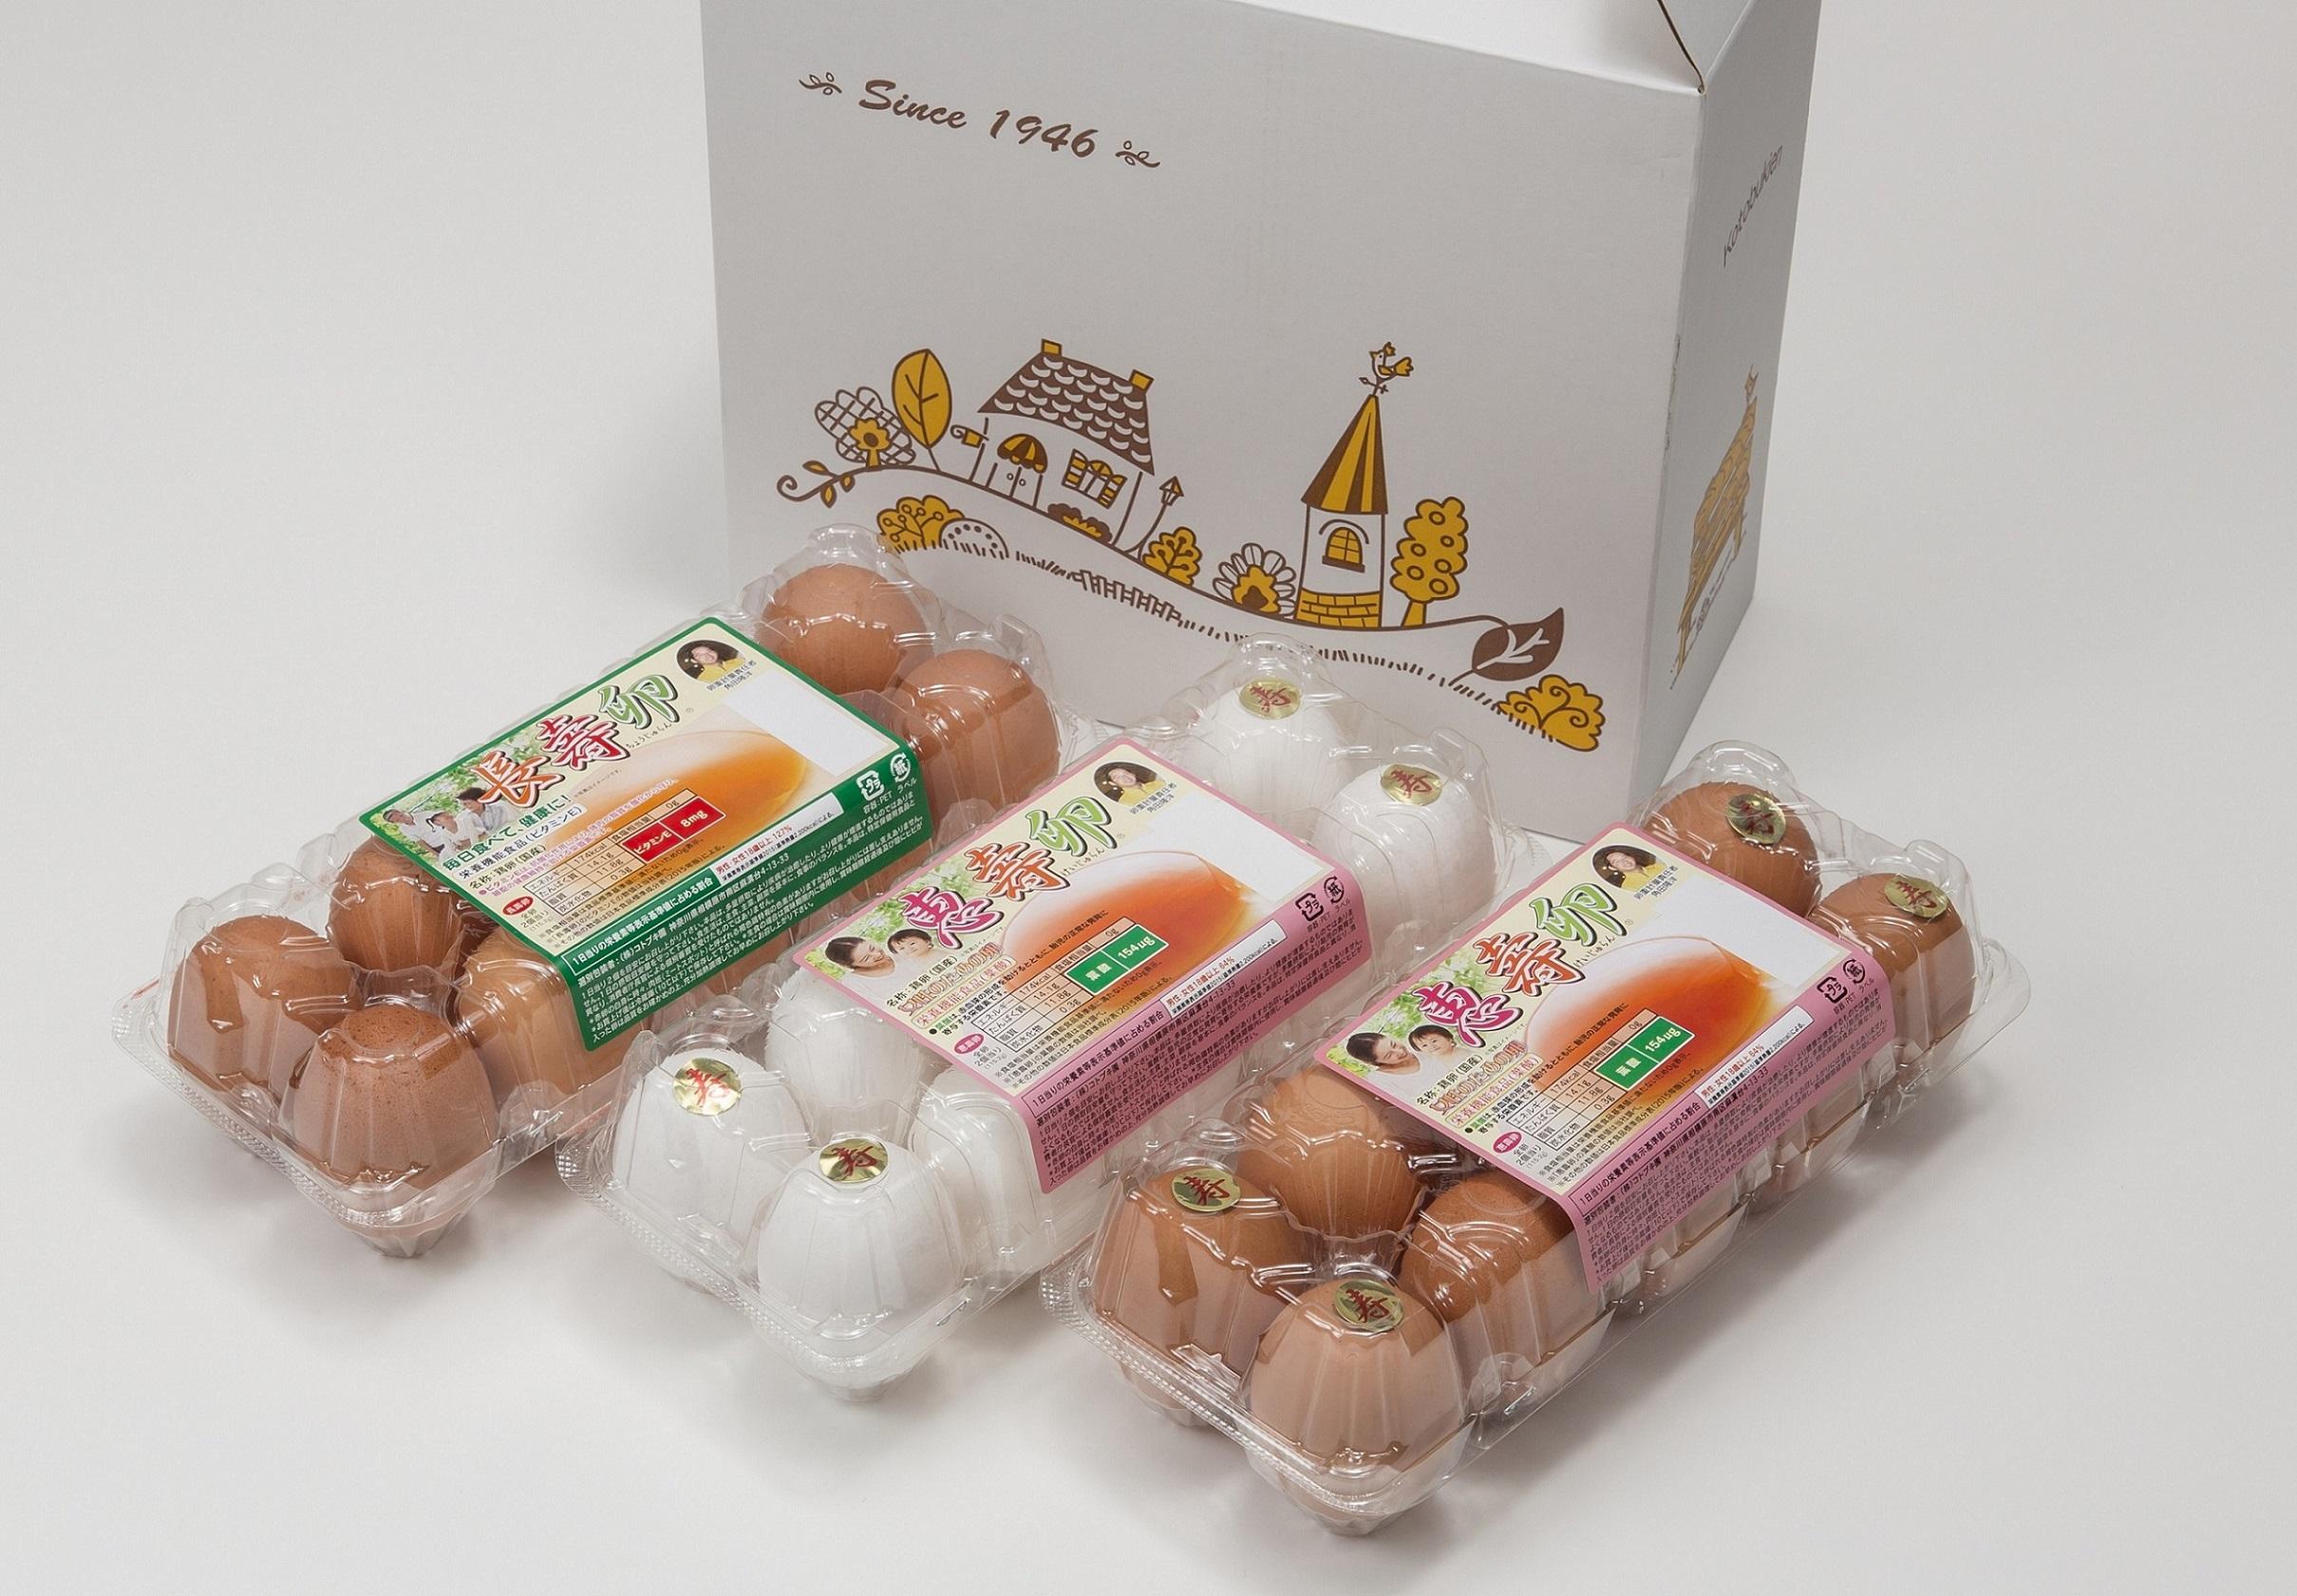 【たまご街道】当社自慢の卵「恵壽卵」「長壽卵」が入った、ふるさと納税限定パッケージ30個入